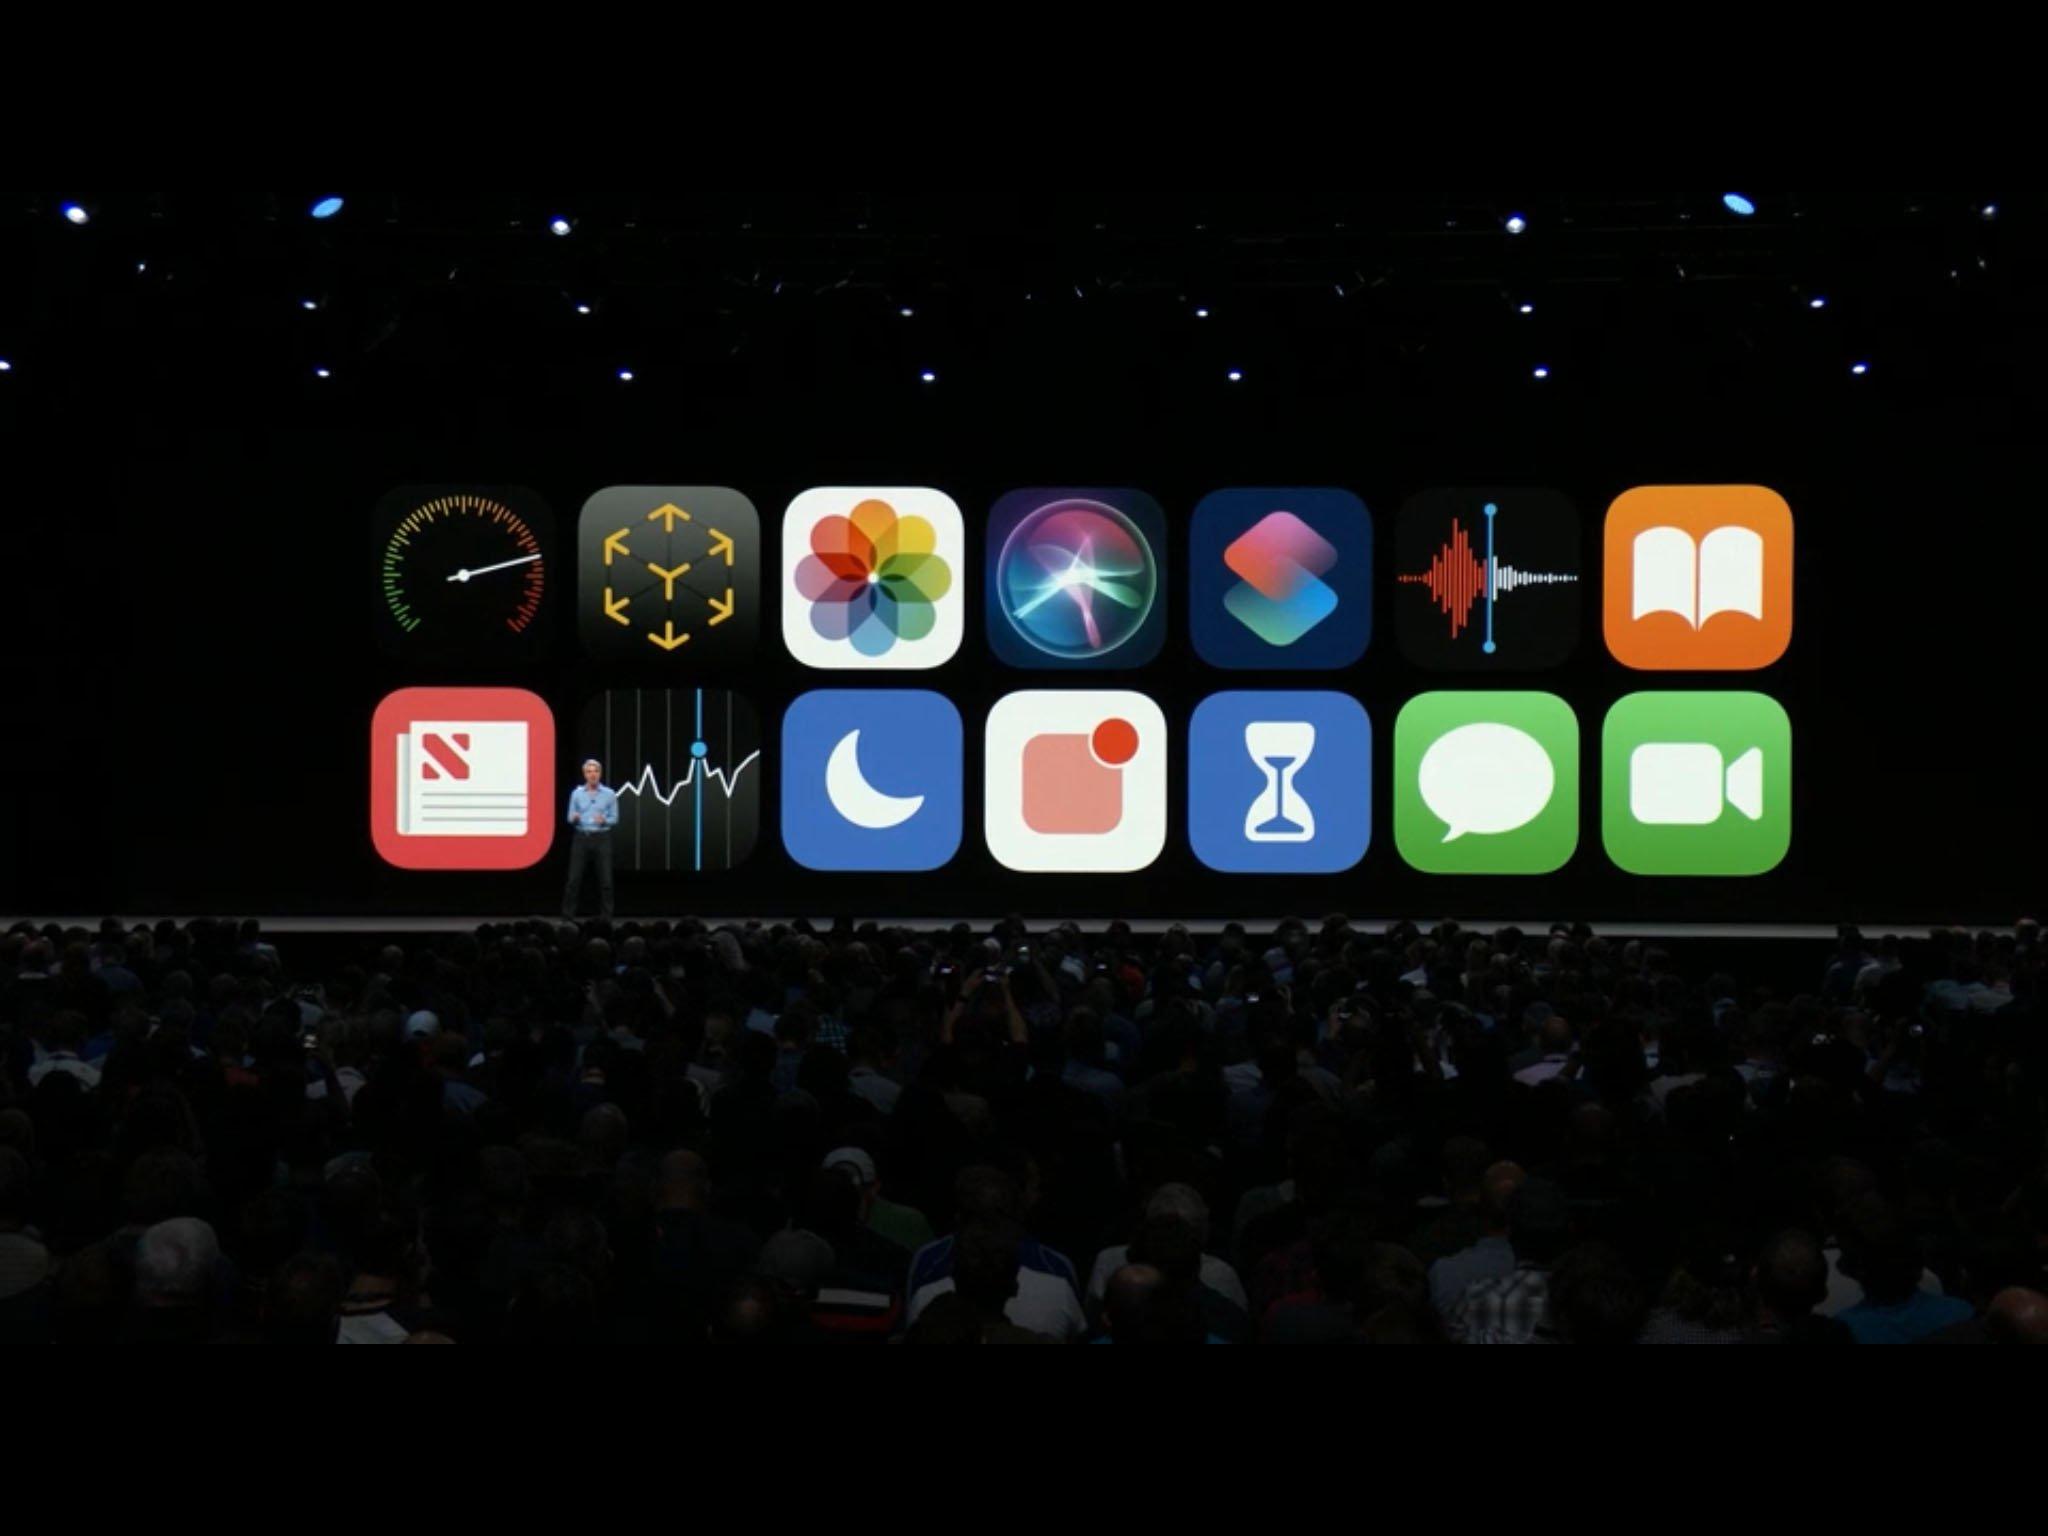 Maps Entfernungsmesser Iphone : Ios 12 ist da: alle neuen funktionen im Überblick handy.de